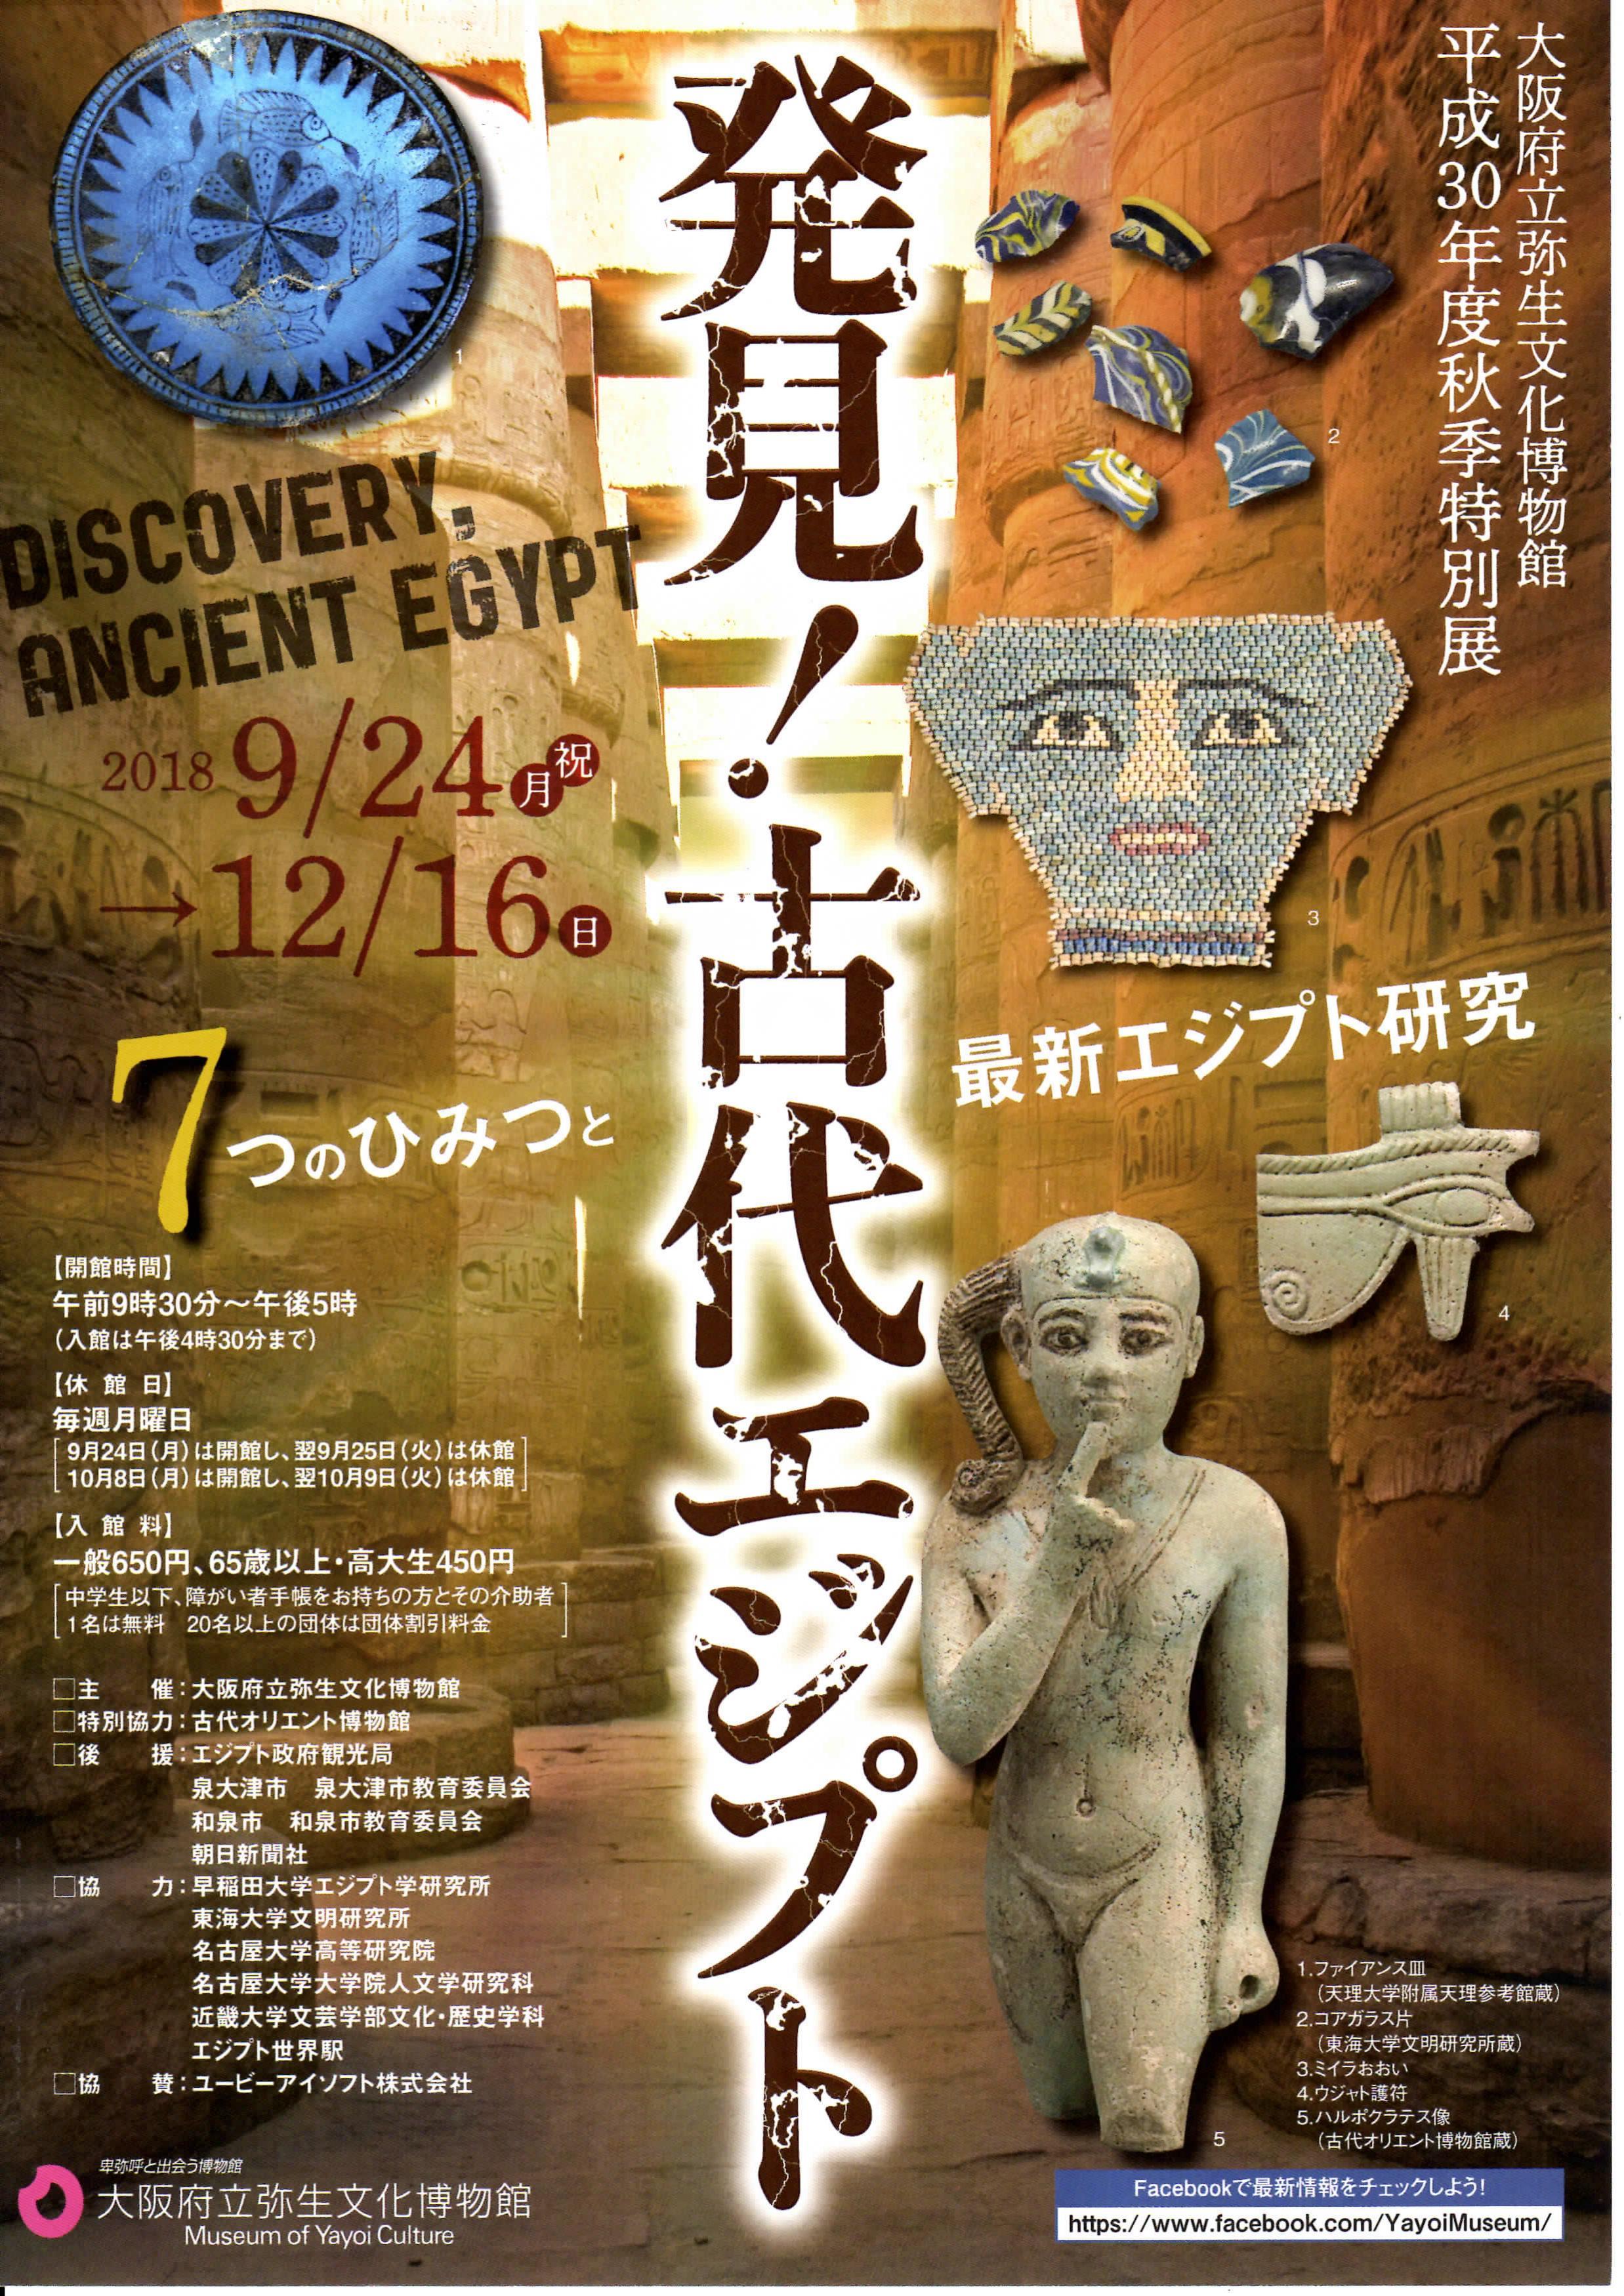 発見!古代エジプト  7つのひみつと最新エジプト研究